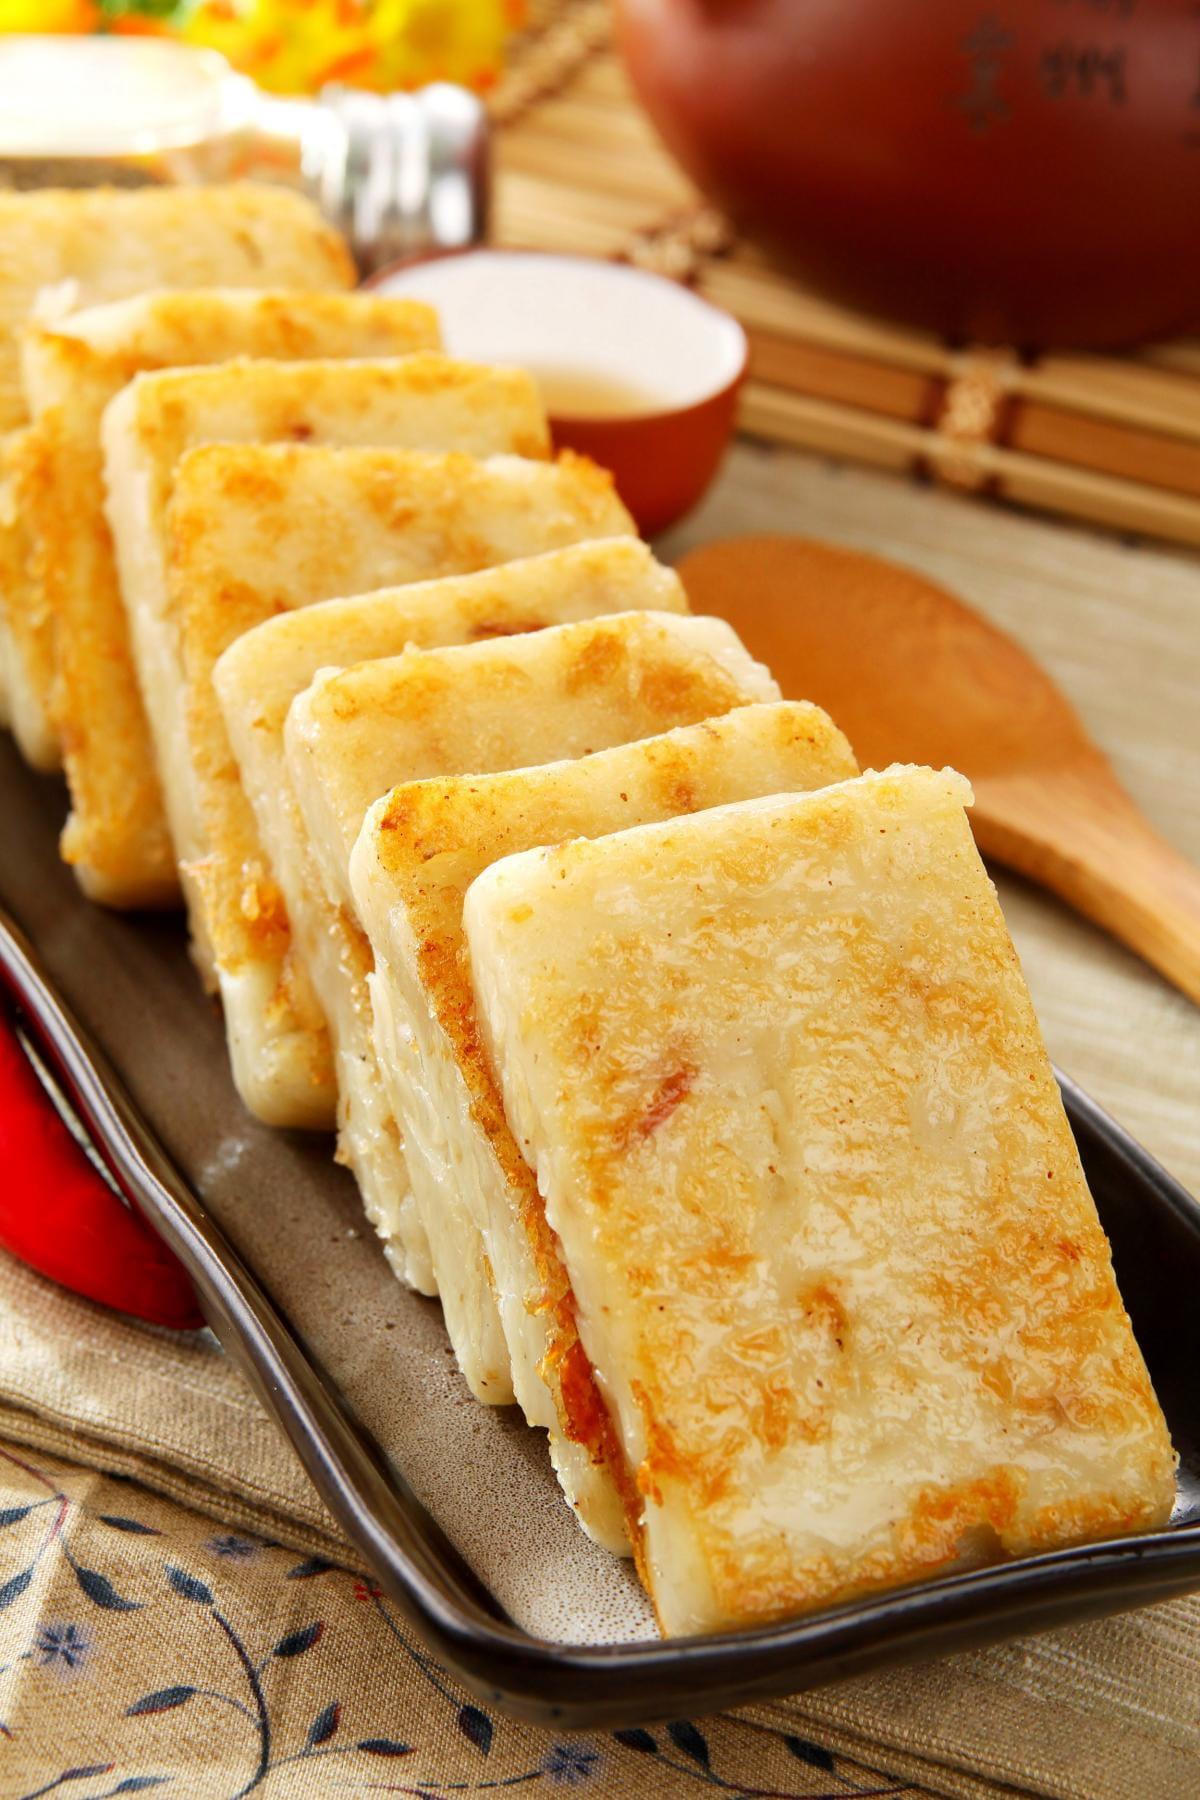 【禎祥】大片蘿蔔糕(100g/片) 0